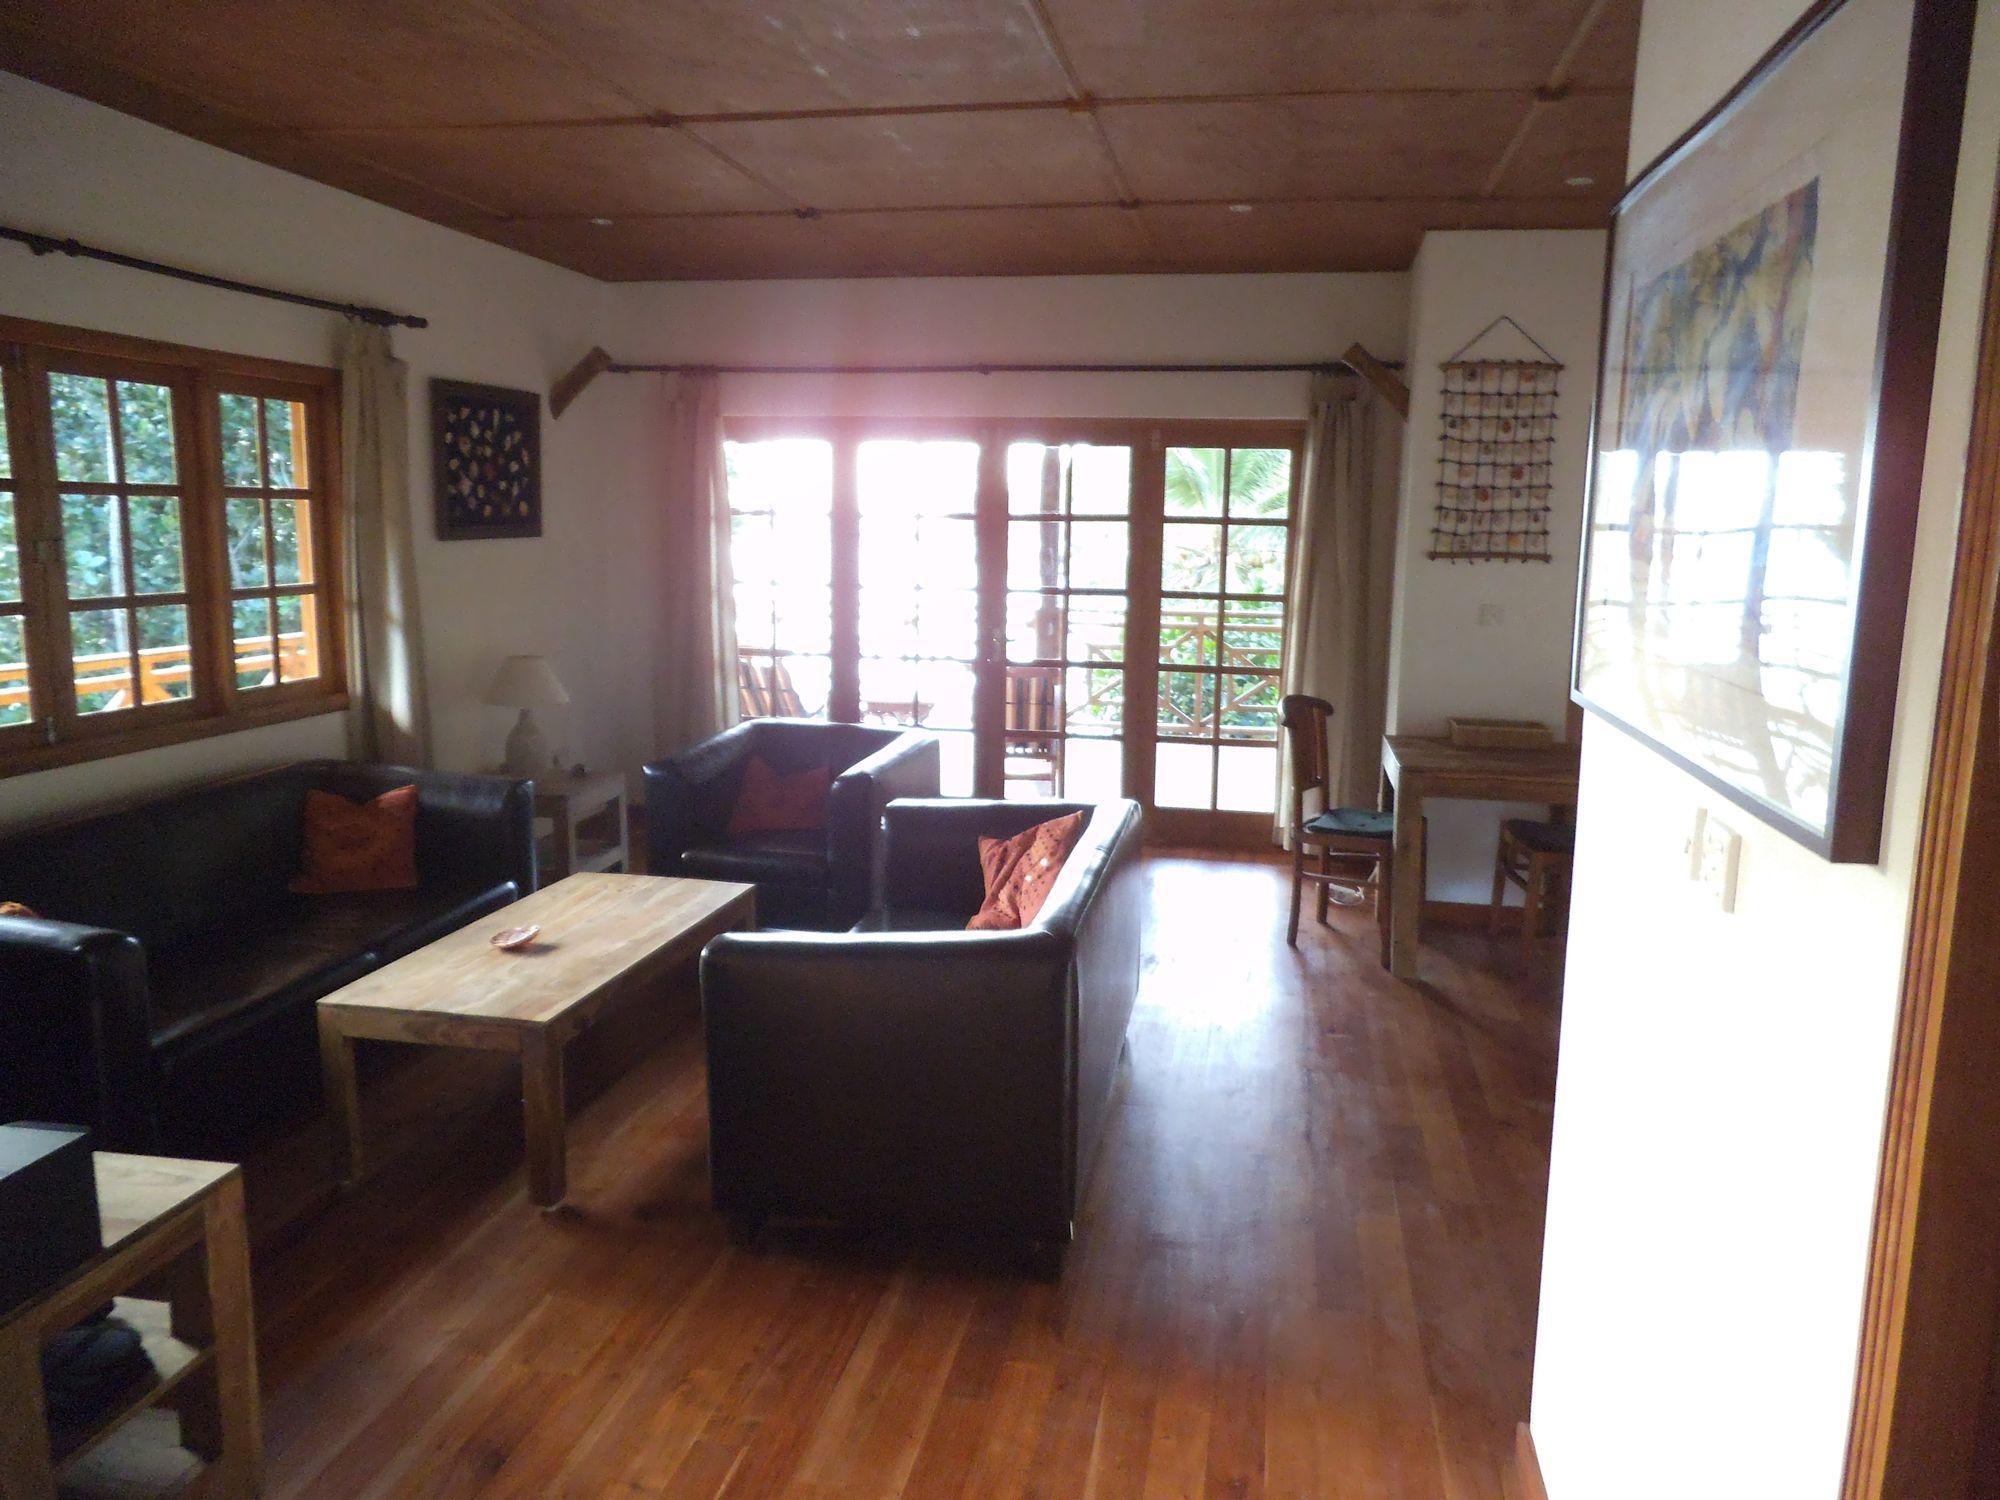 Exklusive Bilder Wohnzimmer ~ Exklusive wohnzimmer tische well suited exklusive wohnzimmer